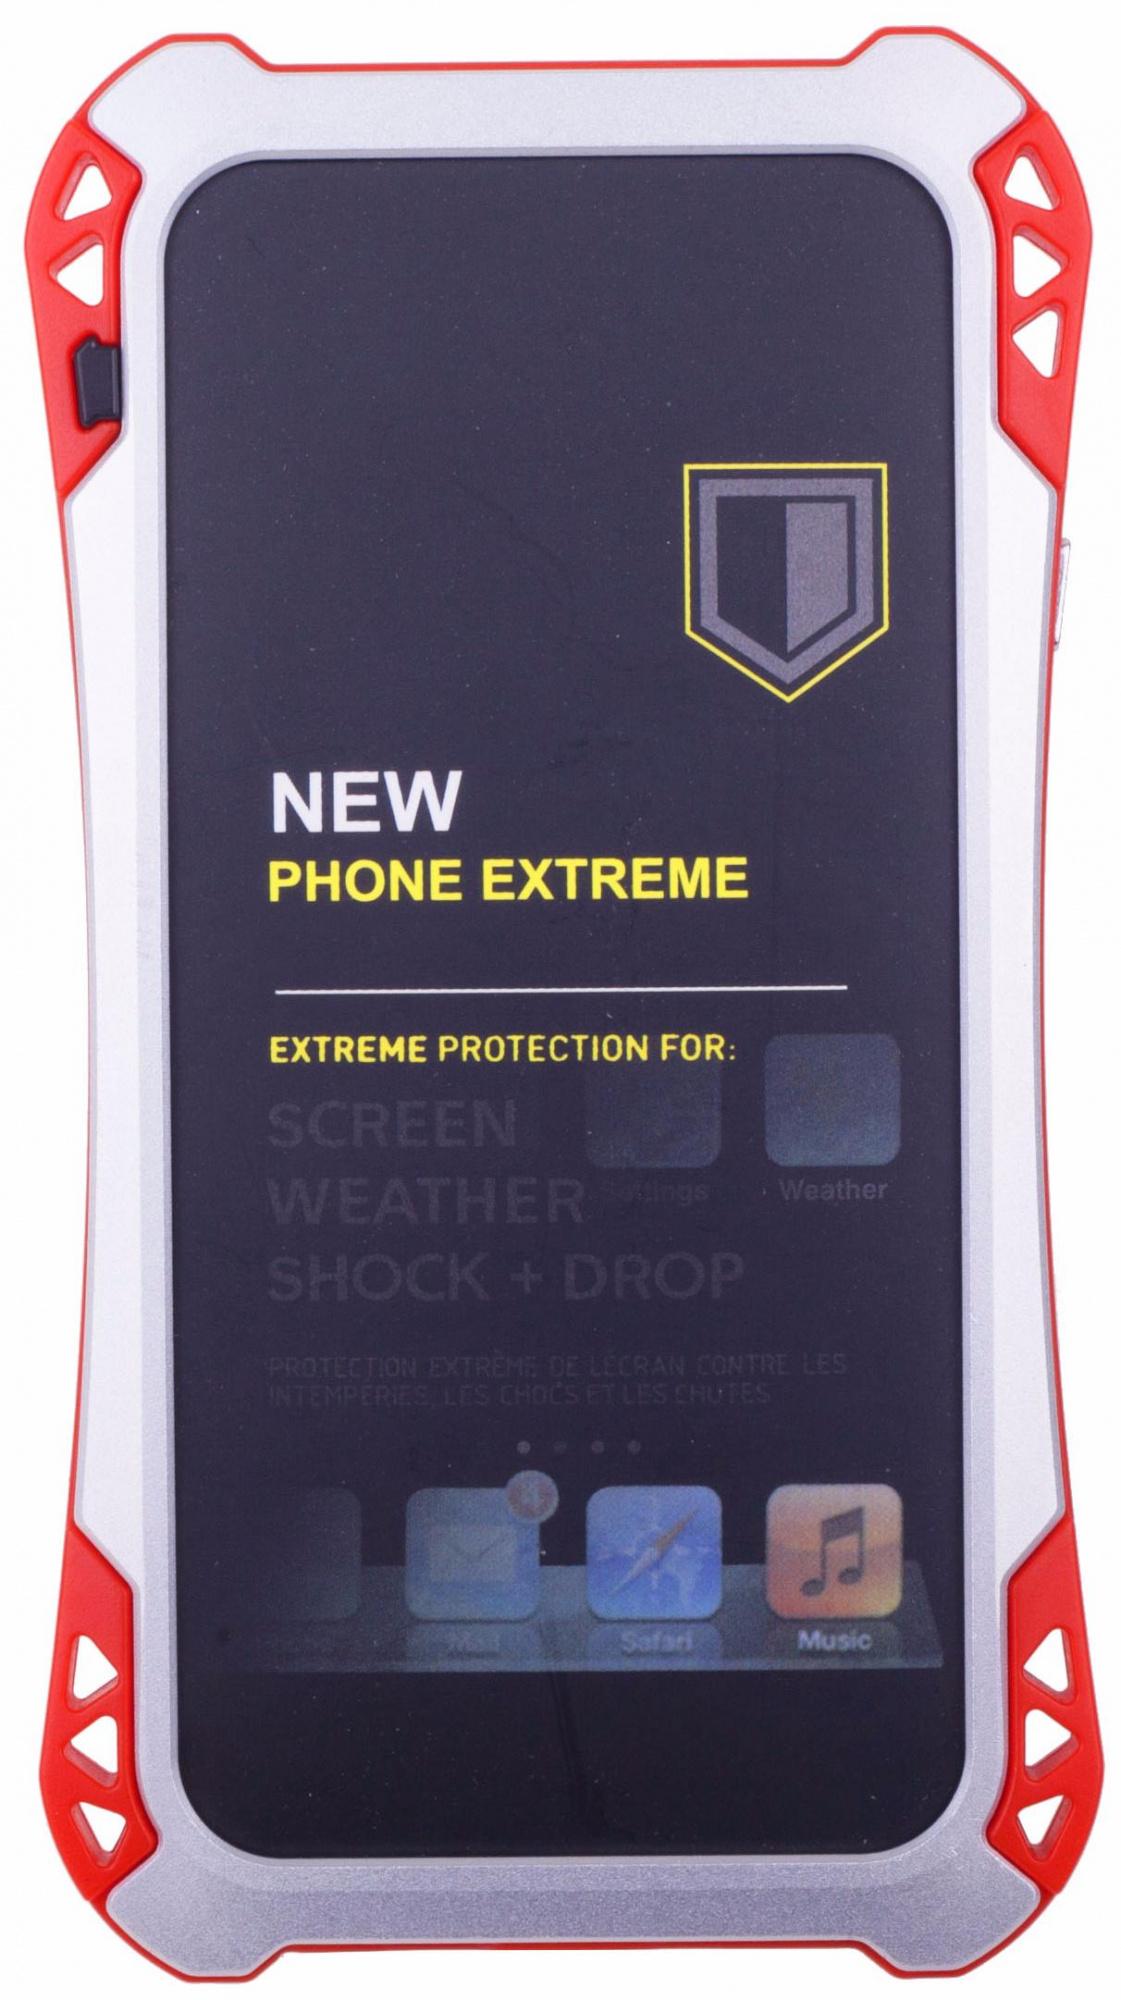 Amira Phone Extreme - защитный чехол для iPhone 6/6S (Silver/Red)Защищенные чехлы для смартфонов<br>Защитный чехол<br>